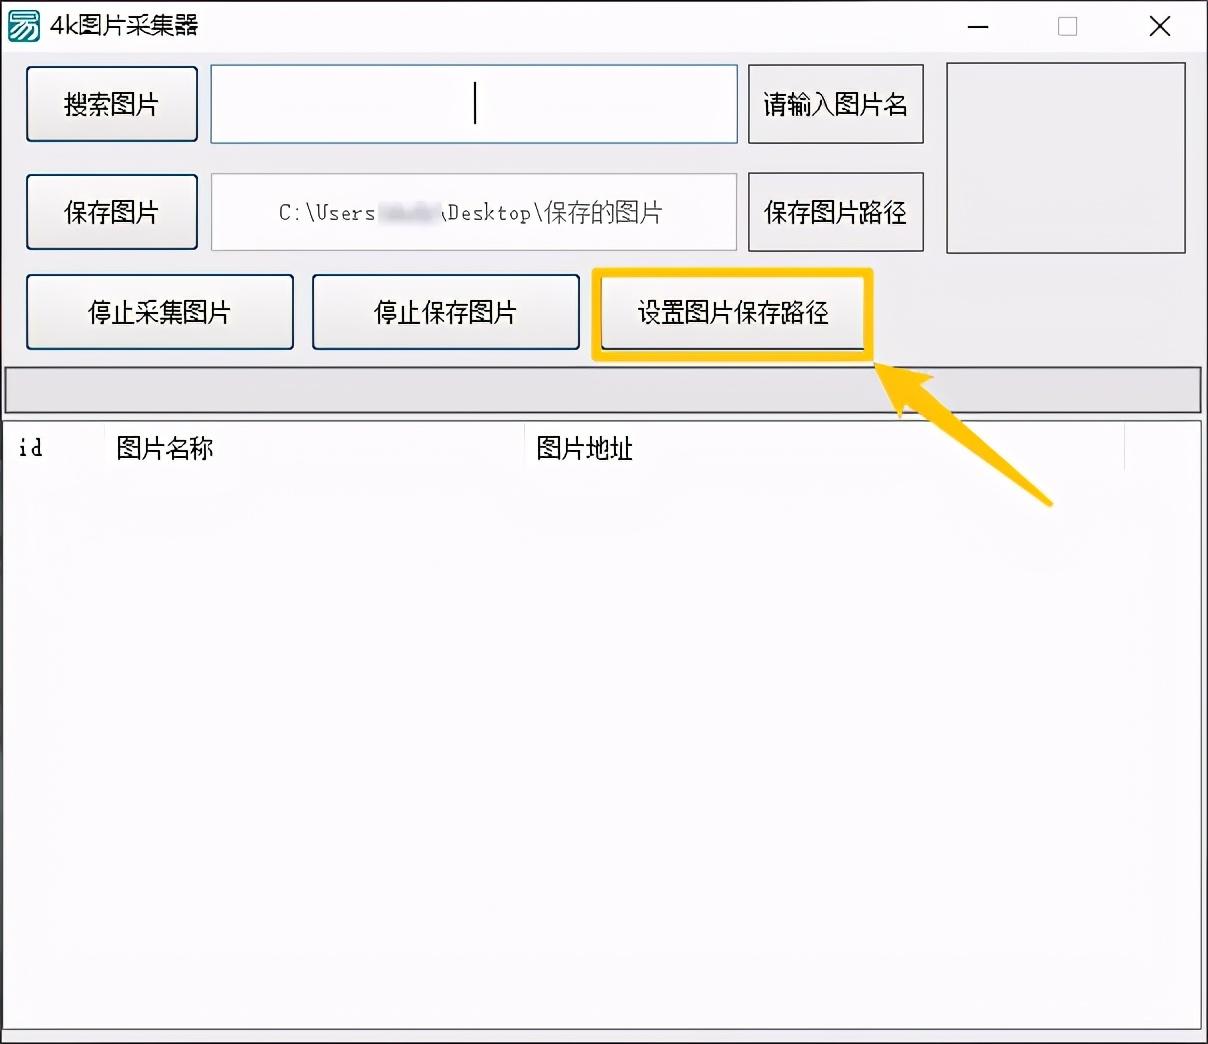 4K高清图片下载器,该软件整体只有900多kb,支持一键图片采集 磁力下载 第1张